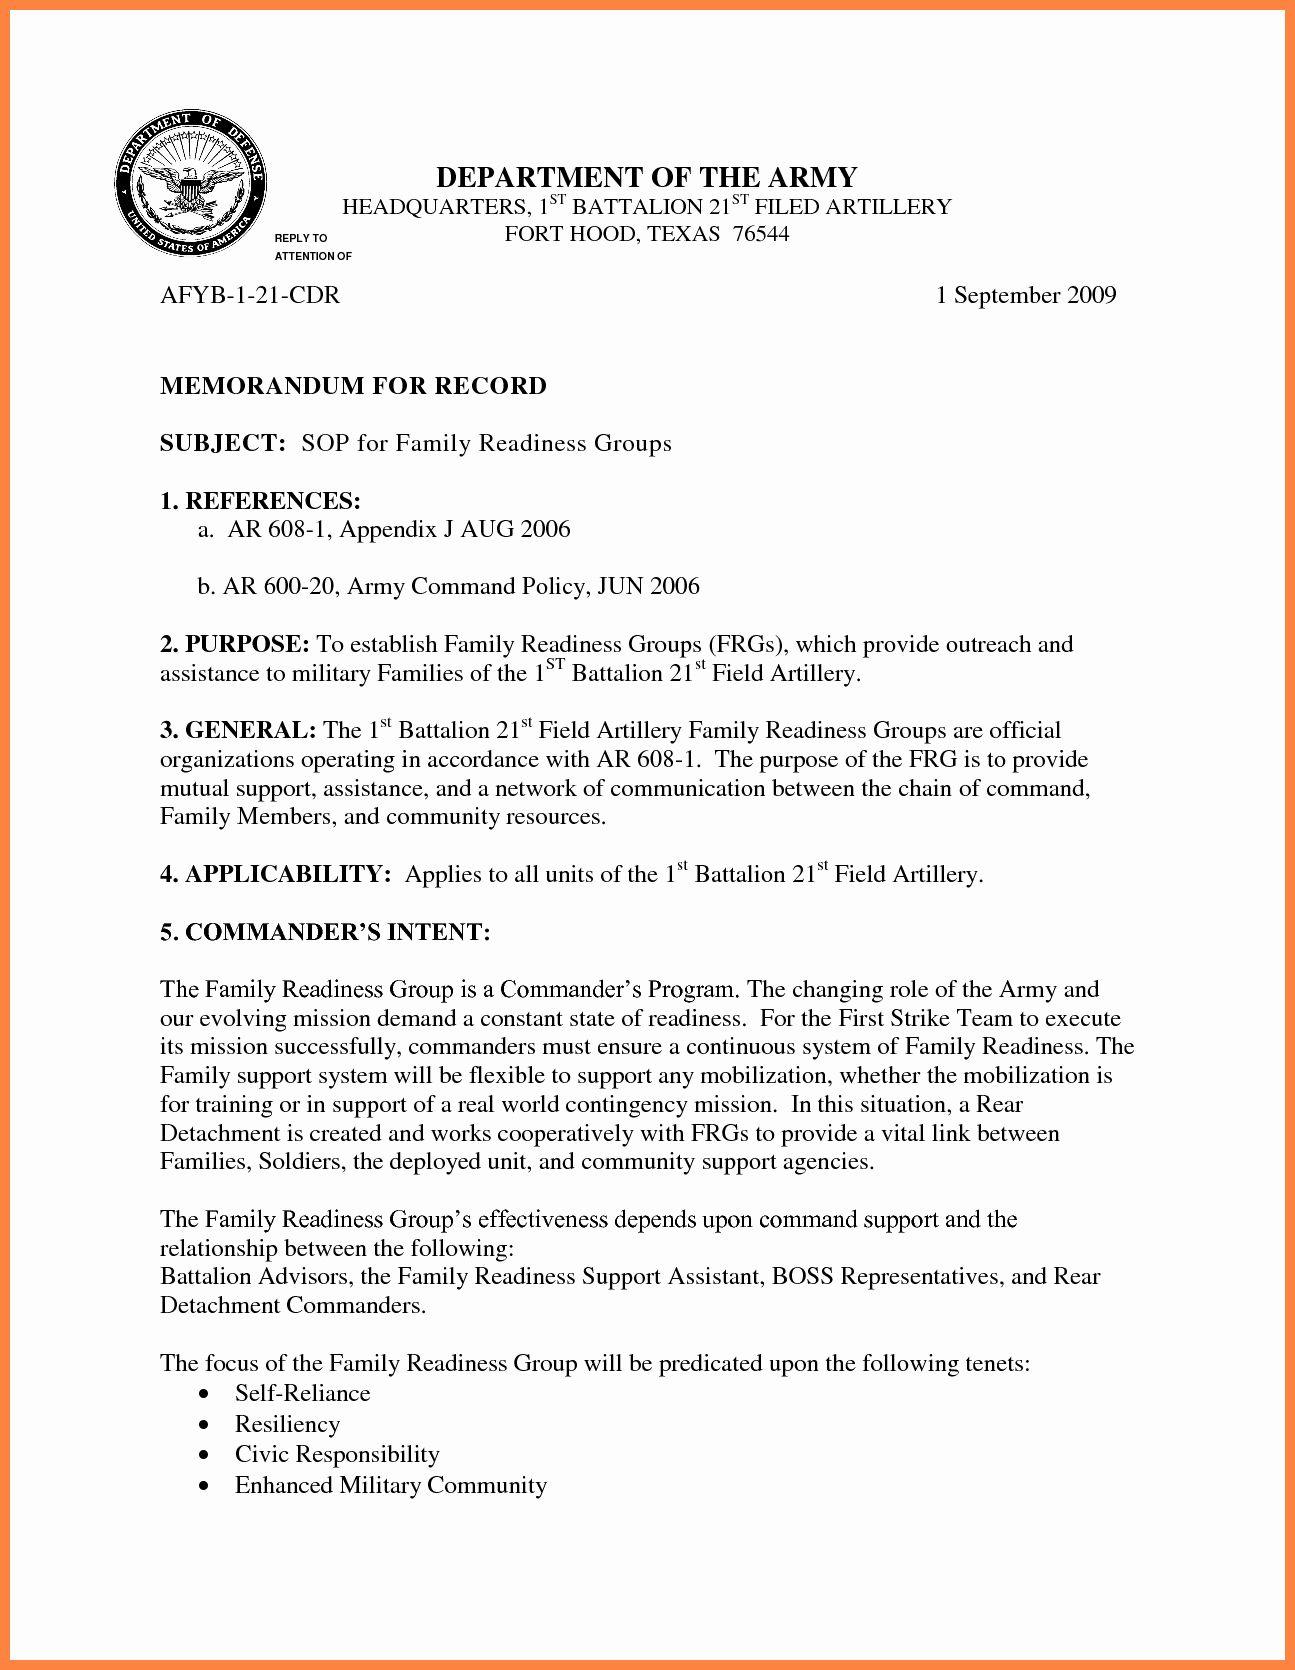 Army Memorandum For Record Template Elegant 9 Memorandum For Record Army Memorandum Memorandum Template Funeral Program Template